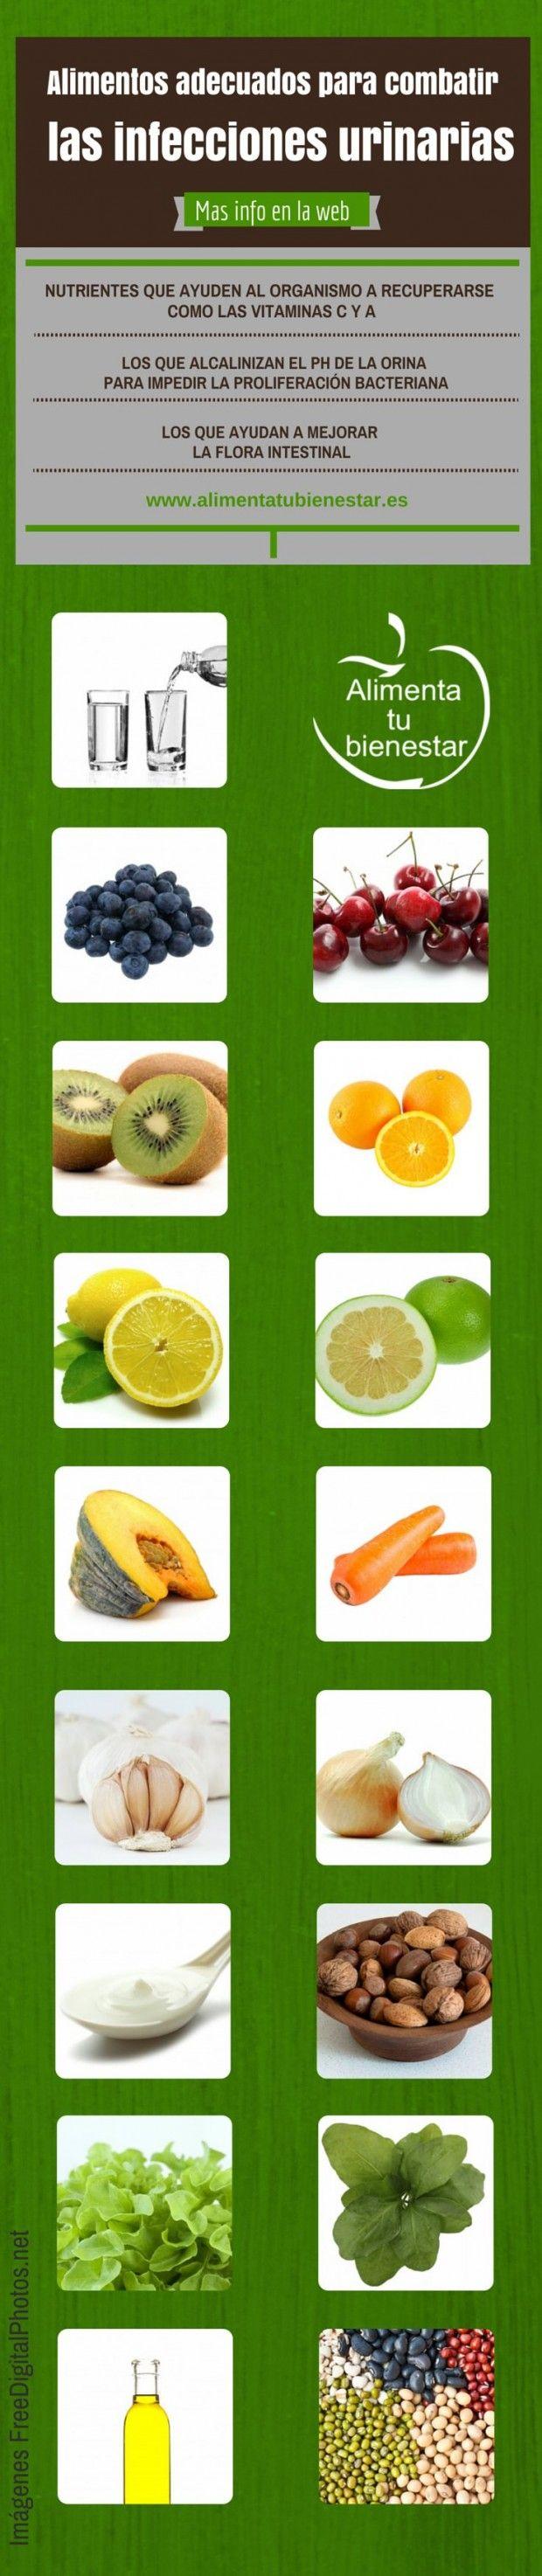 #infografia Alimentos adecuados para las #Infecciones Urinarias